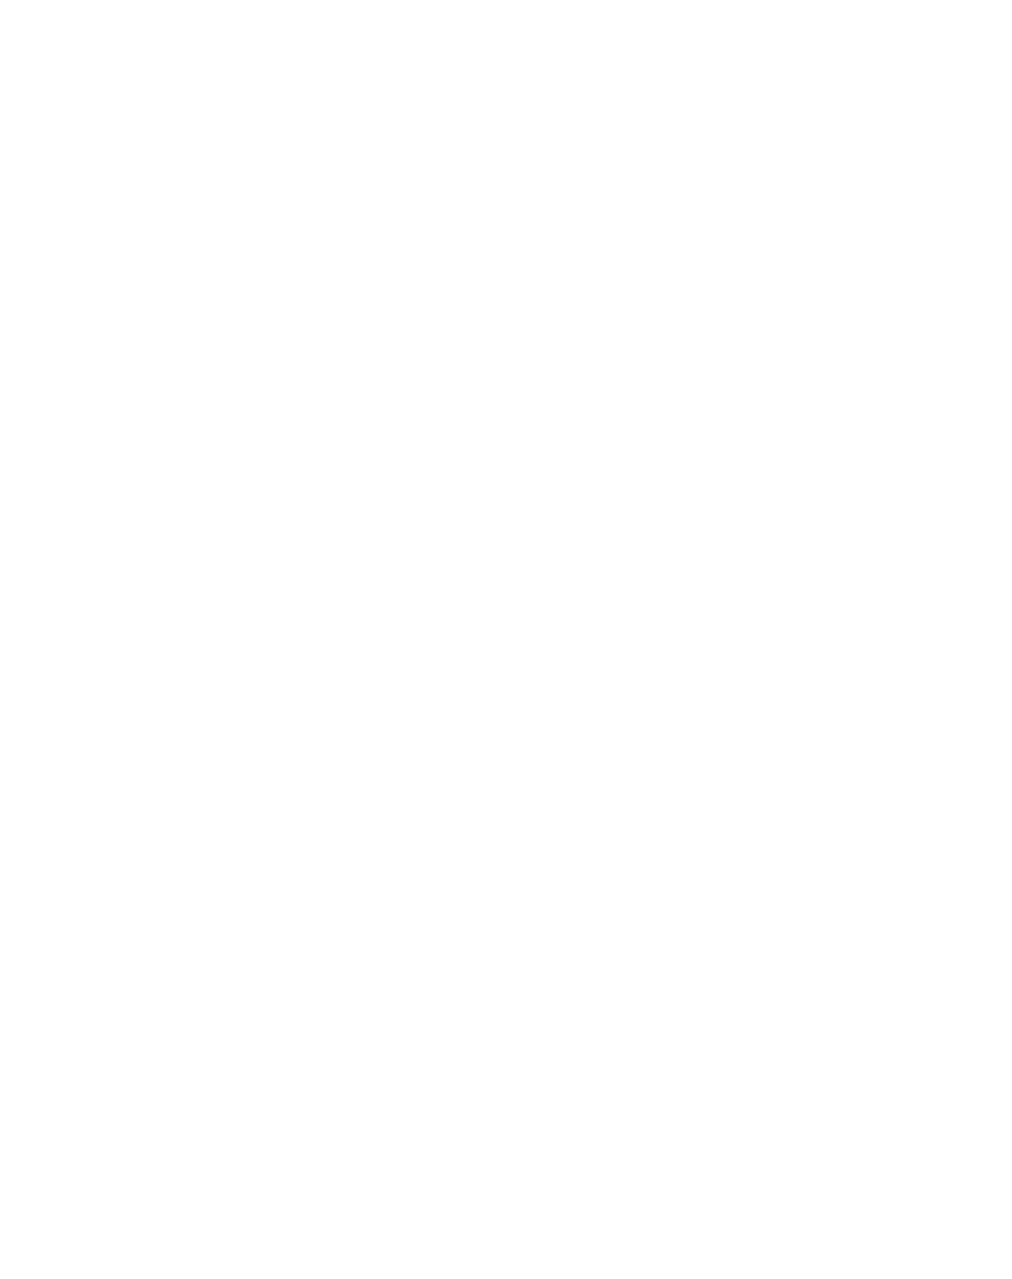 Minino Records